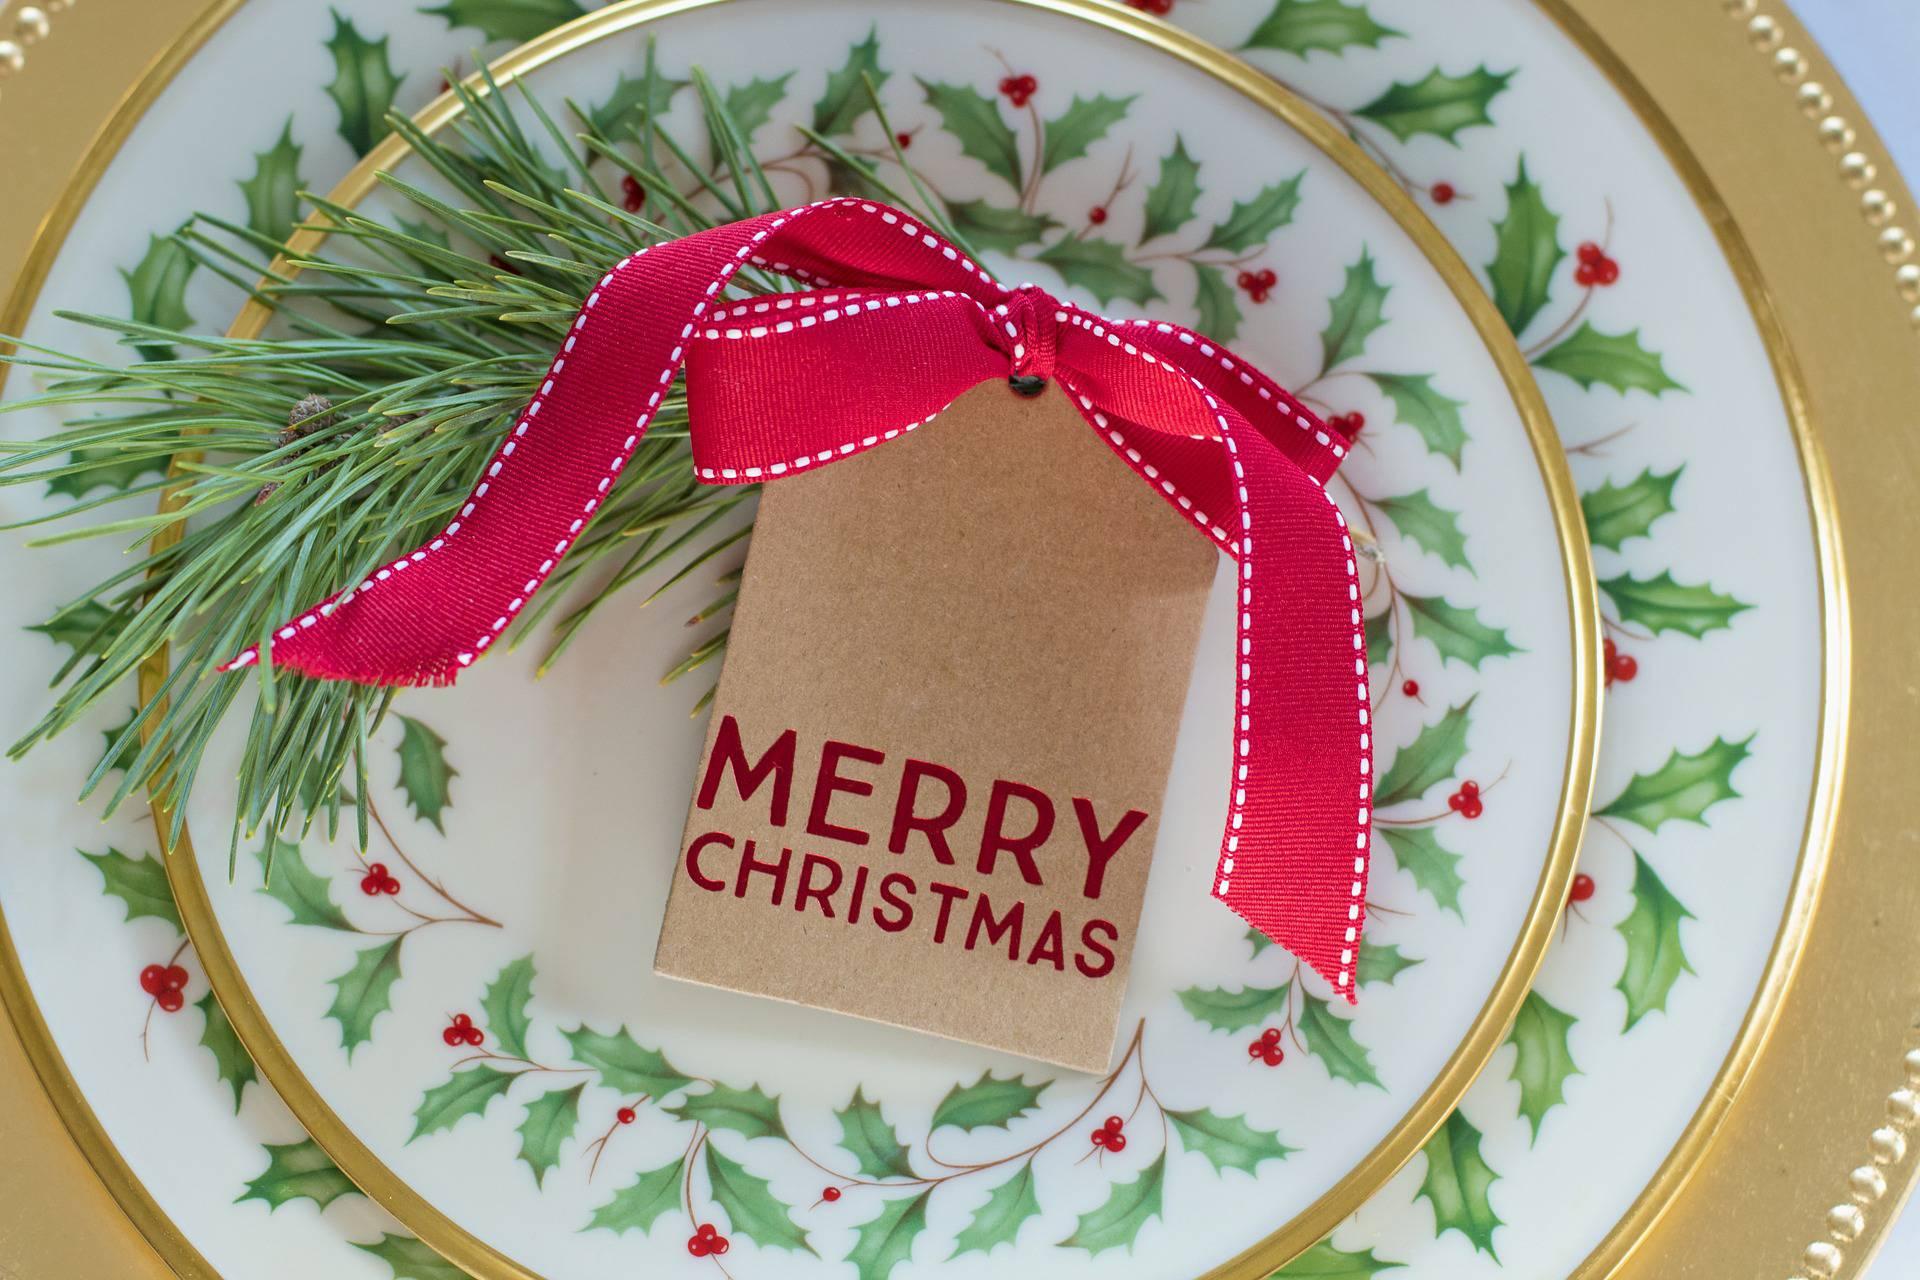 Natale 2018: il menù crudista dall'antipasto al dolce